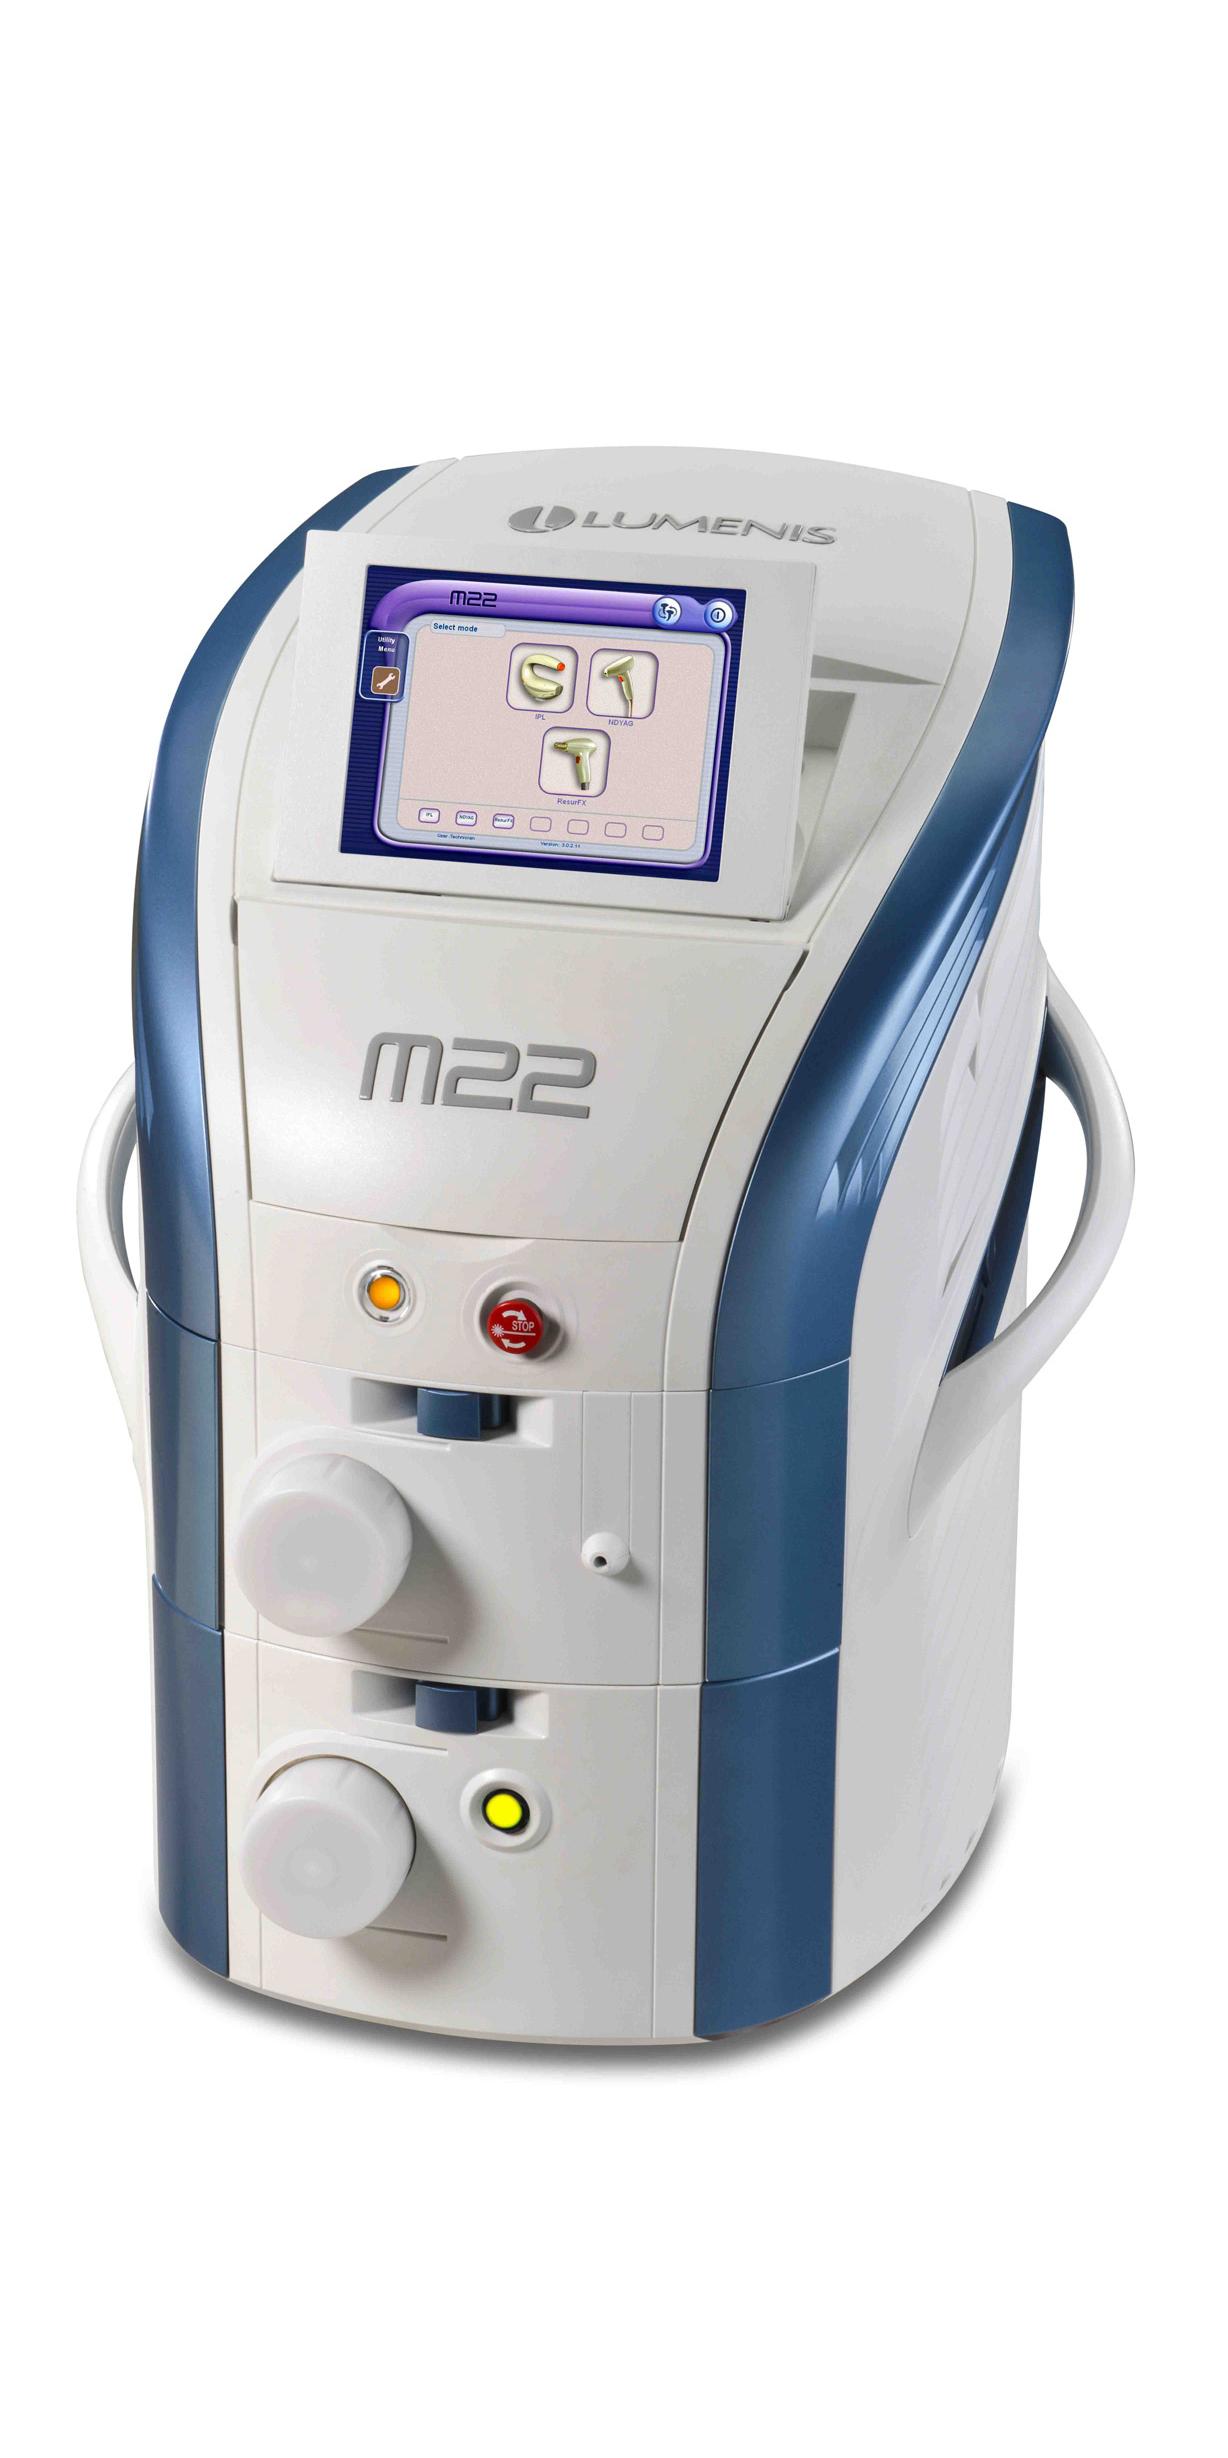 Lumenis M22